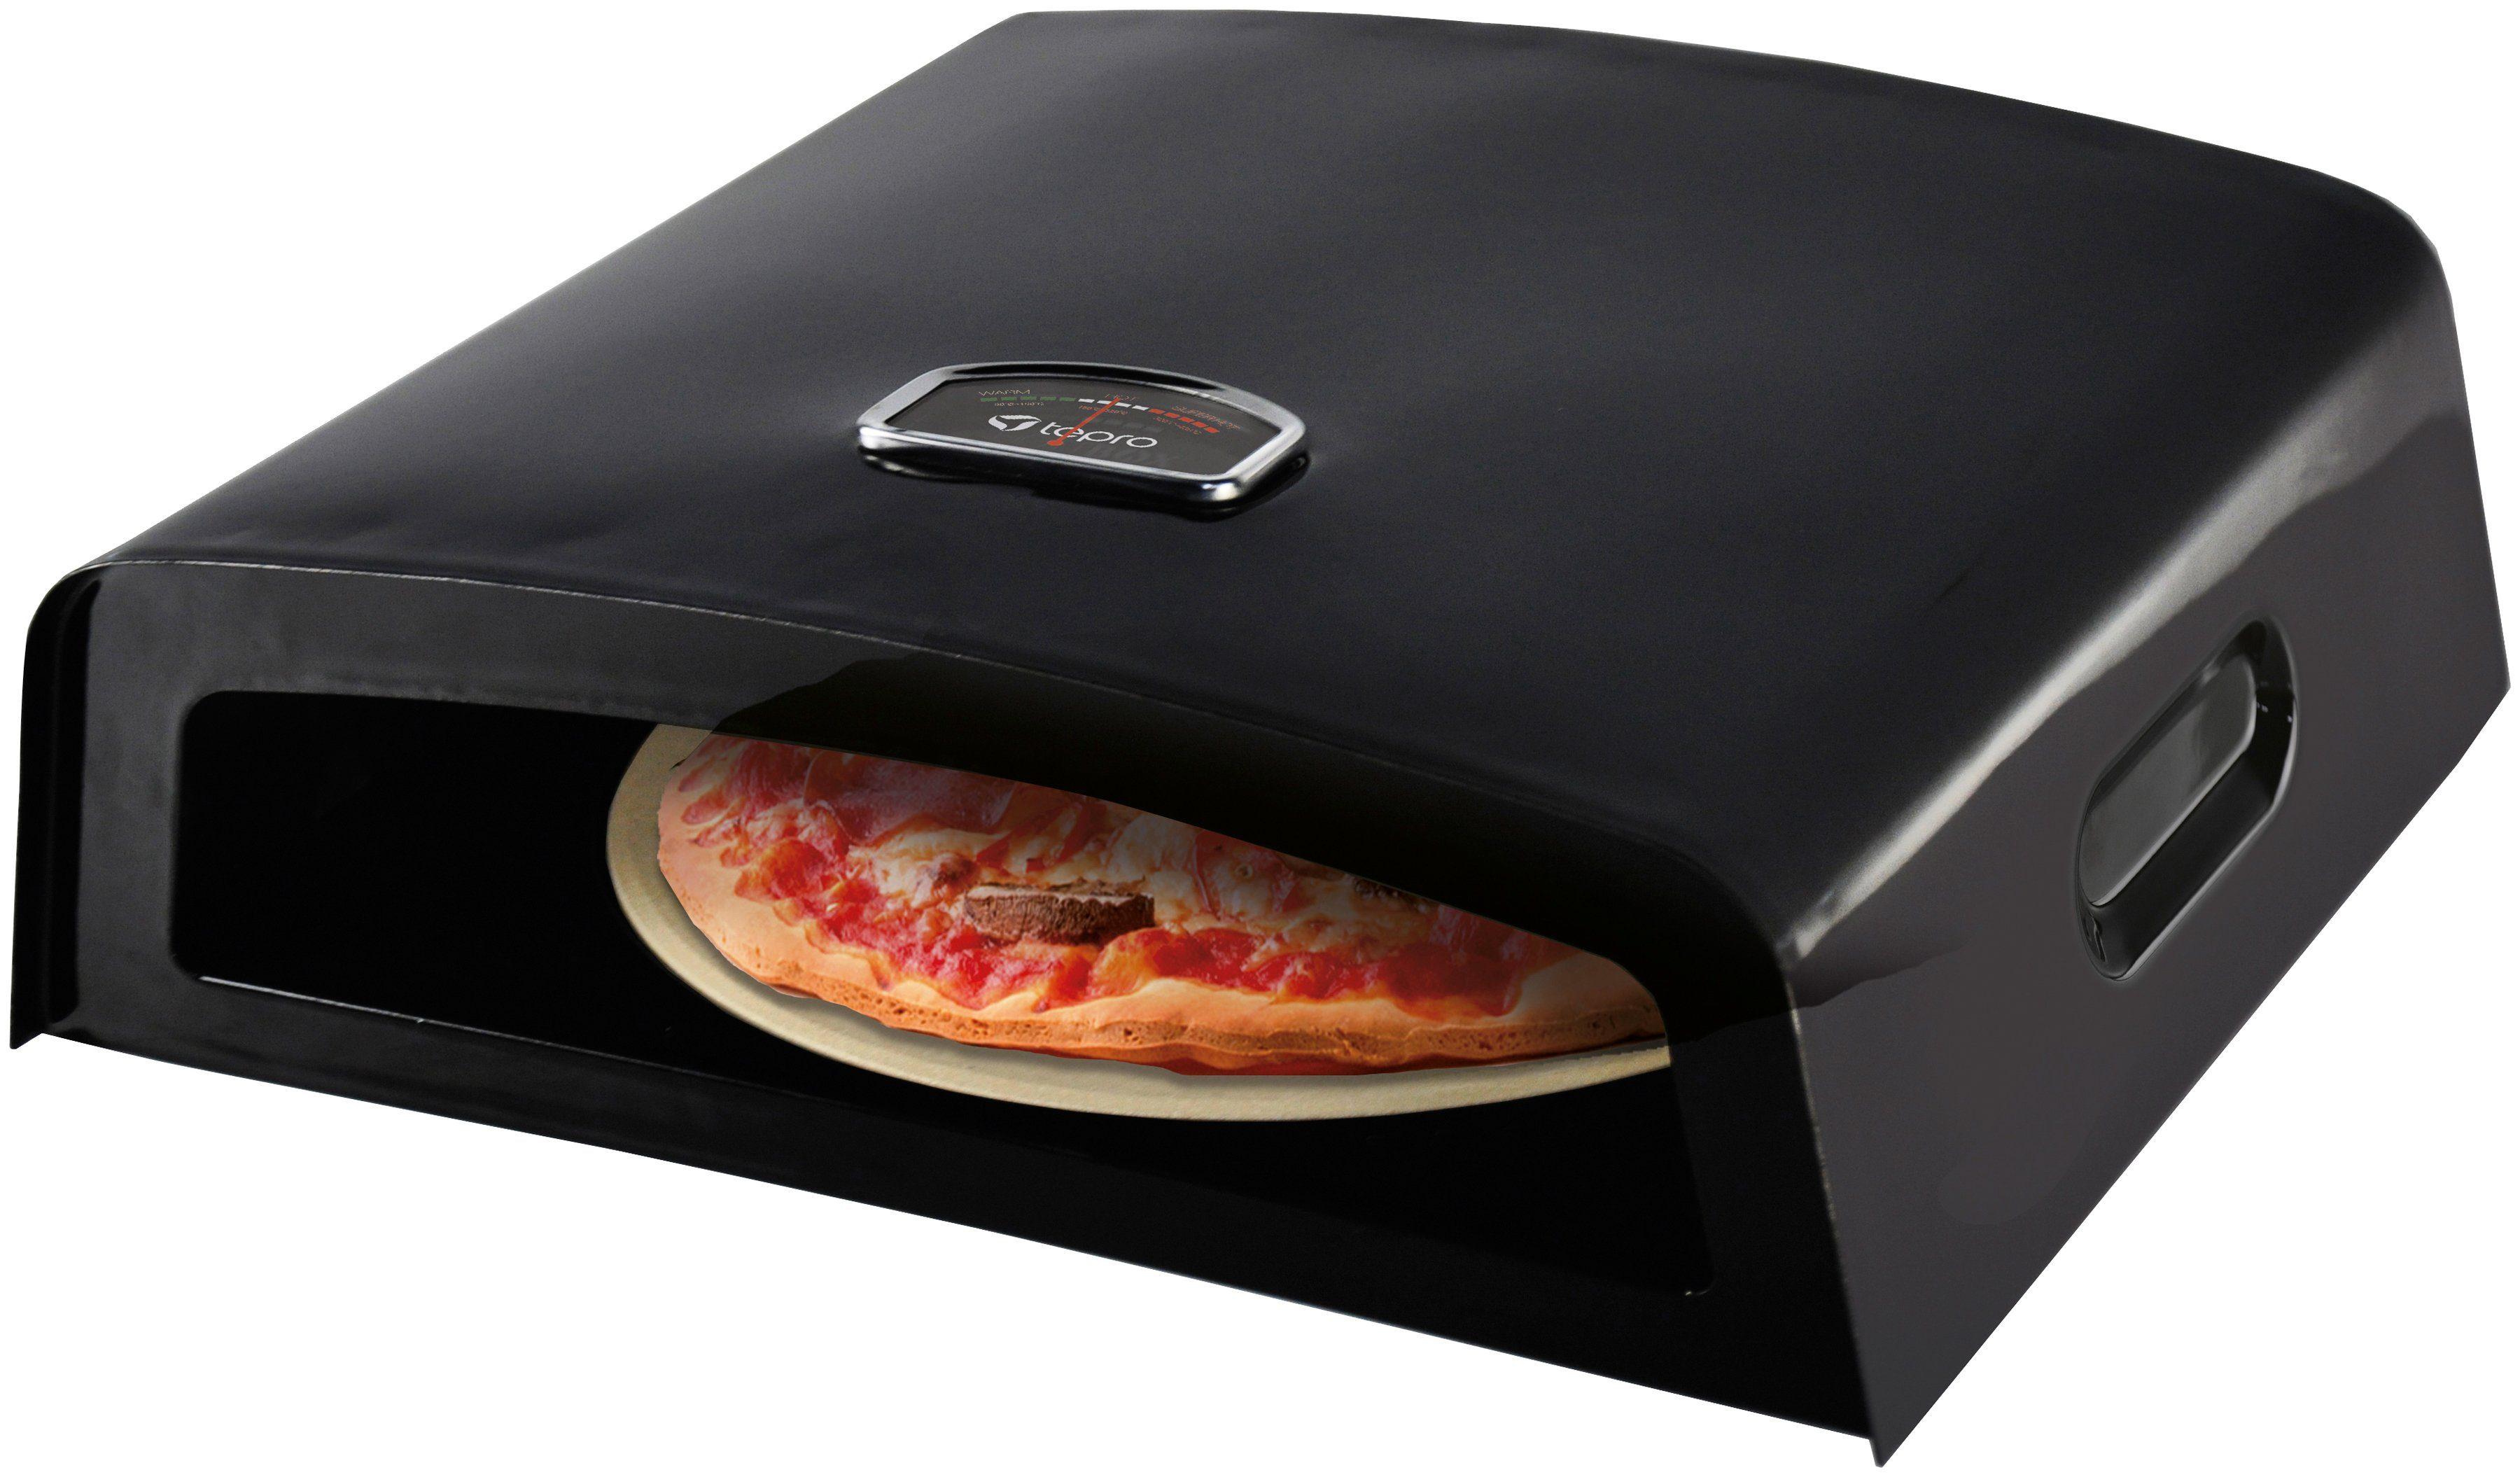 Tisch Holzkohlegrill Mit Usb : Tisch holzkohlegrill raclette grill rowi test rewe mit lufter